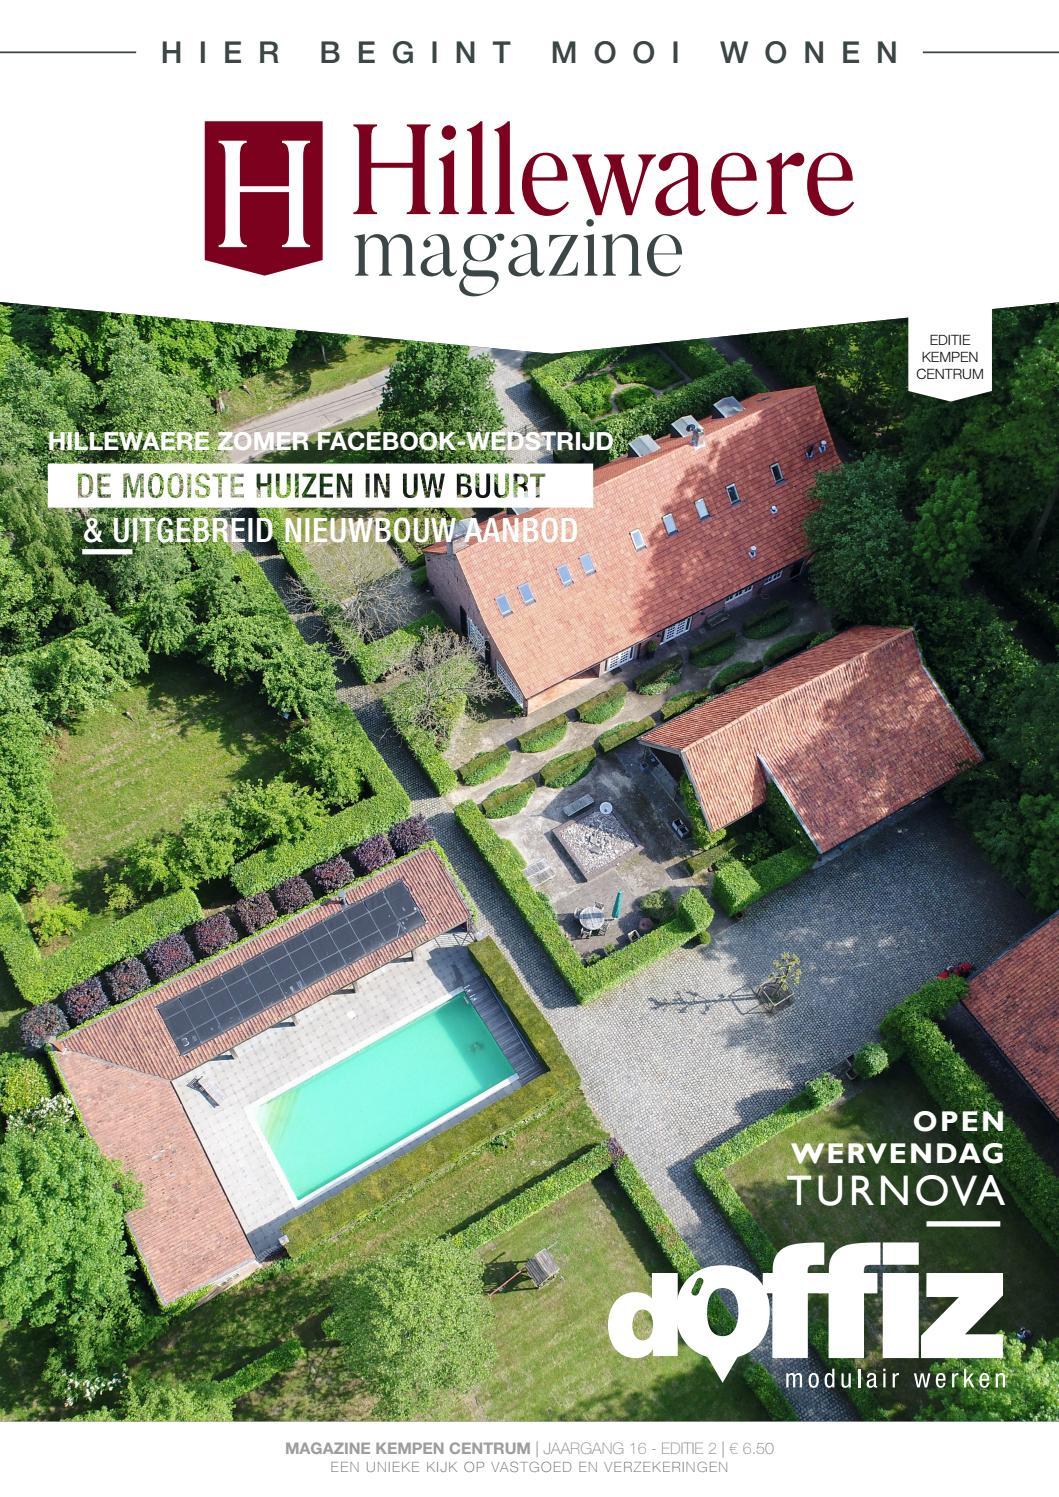 Hillewaere Magazine Jrg 16 2 Kempen Centrum By Hillewaere Issuu